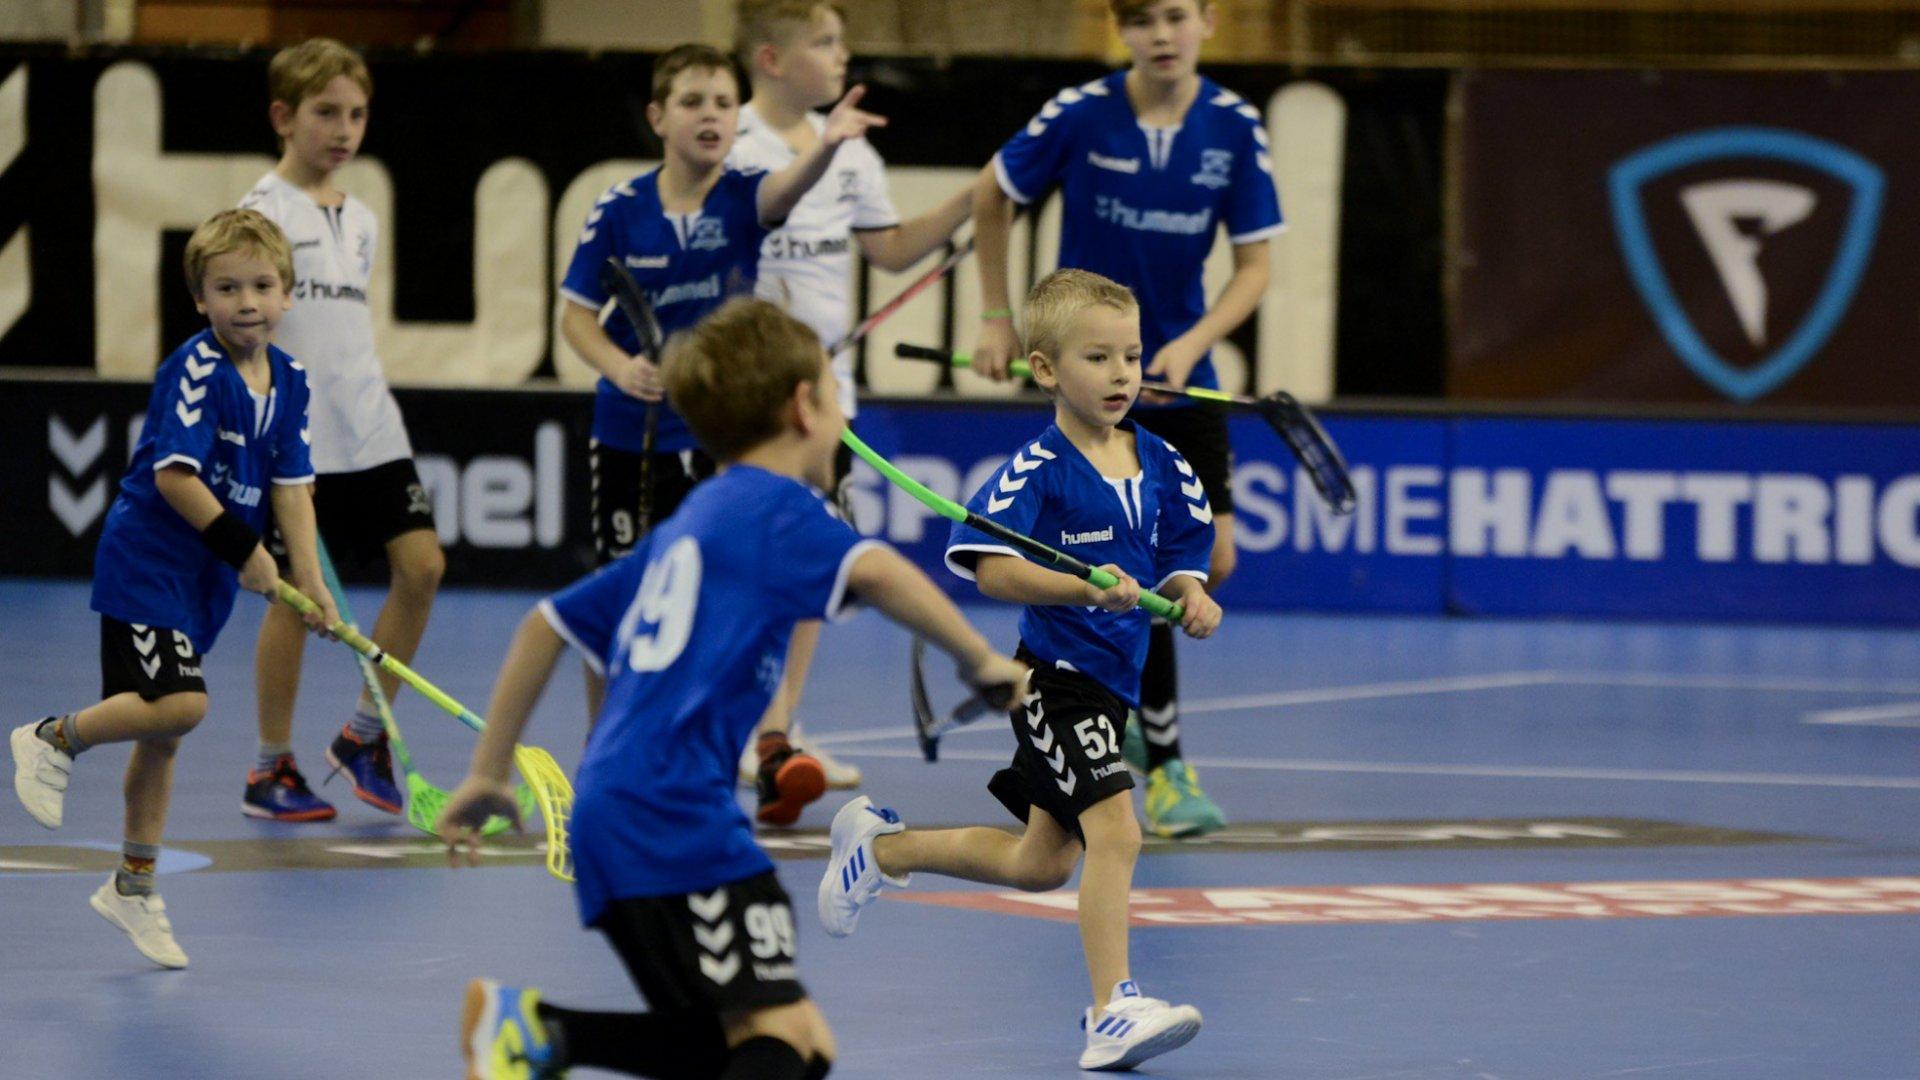 Vzhůru za věhlasnou trofejí! Mládež míří na Prague Floorball Cup